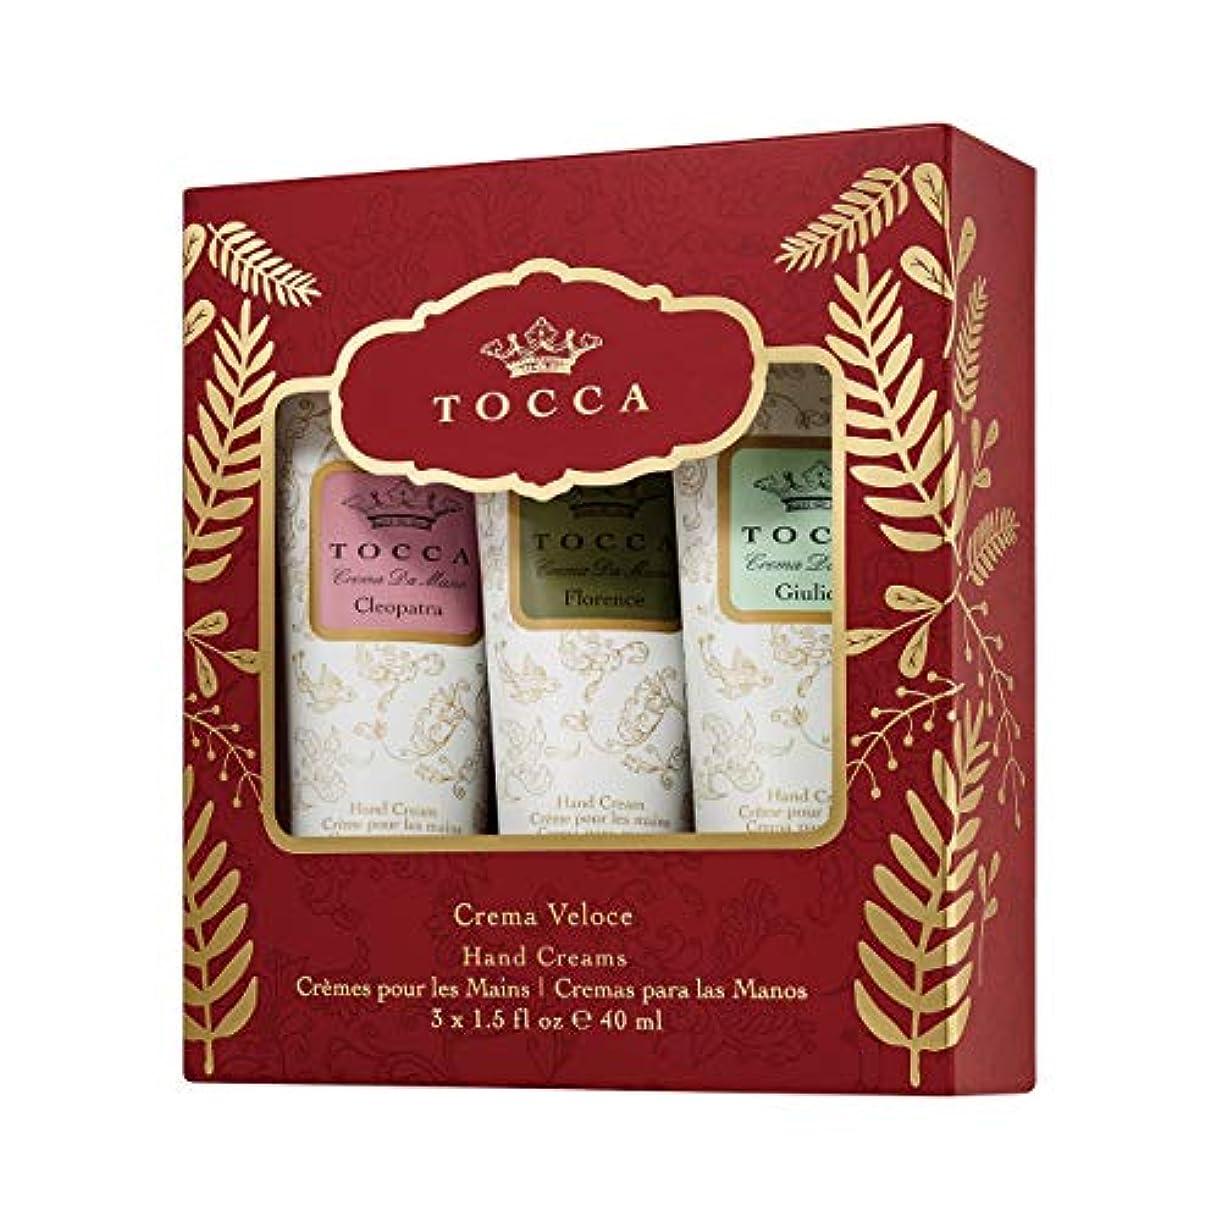 落ちた愛にぎやかTOCCA クレマヴェローチェパルマ ハンドクリーム3本入った贅沢な贈り物(手指保湿?小分けギフト)